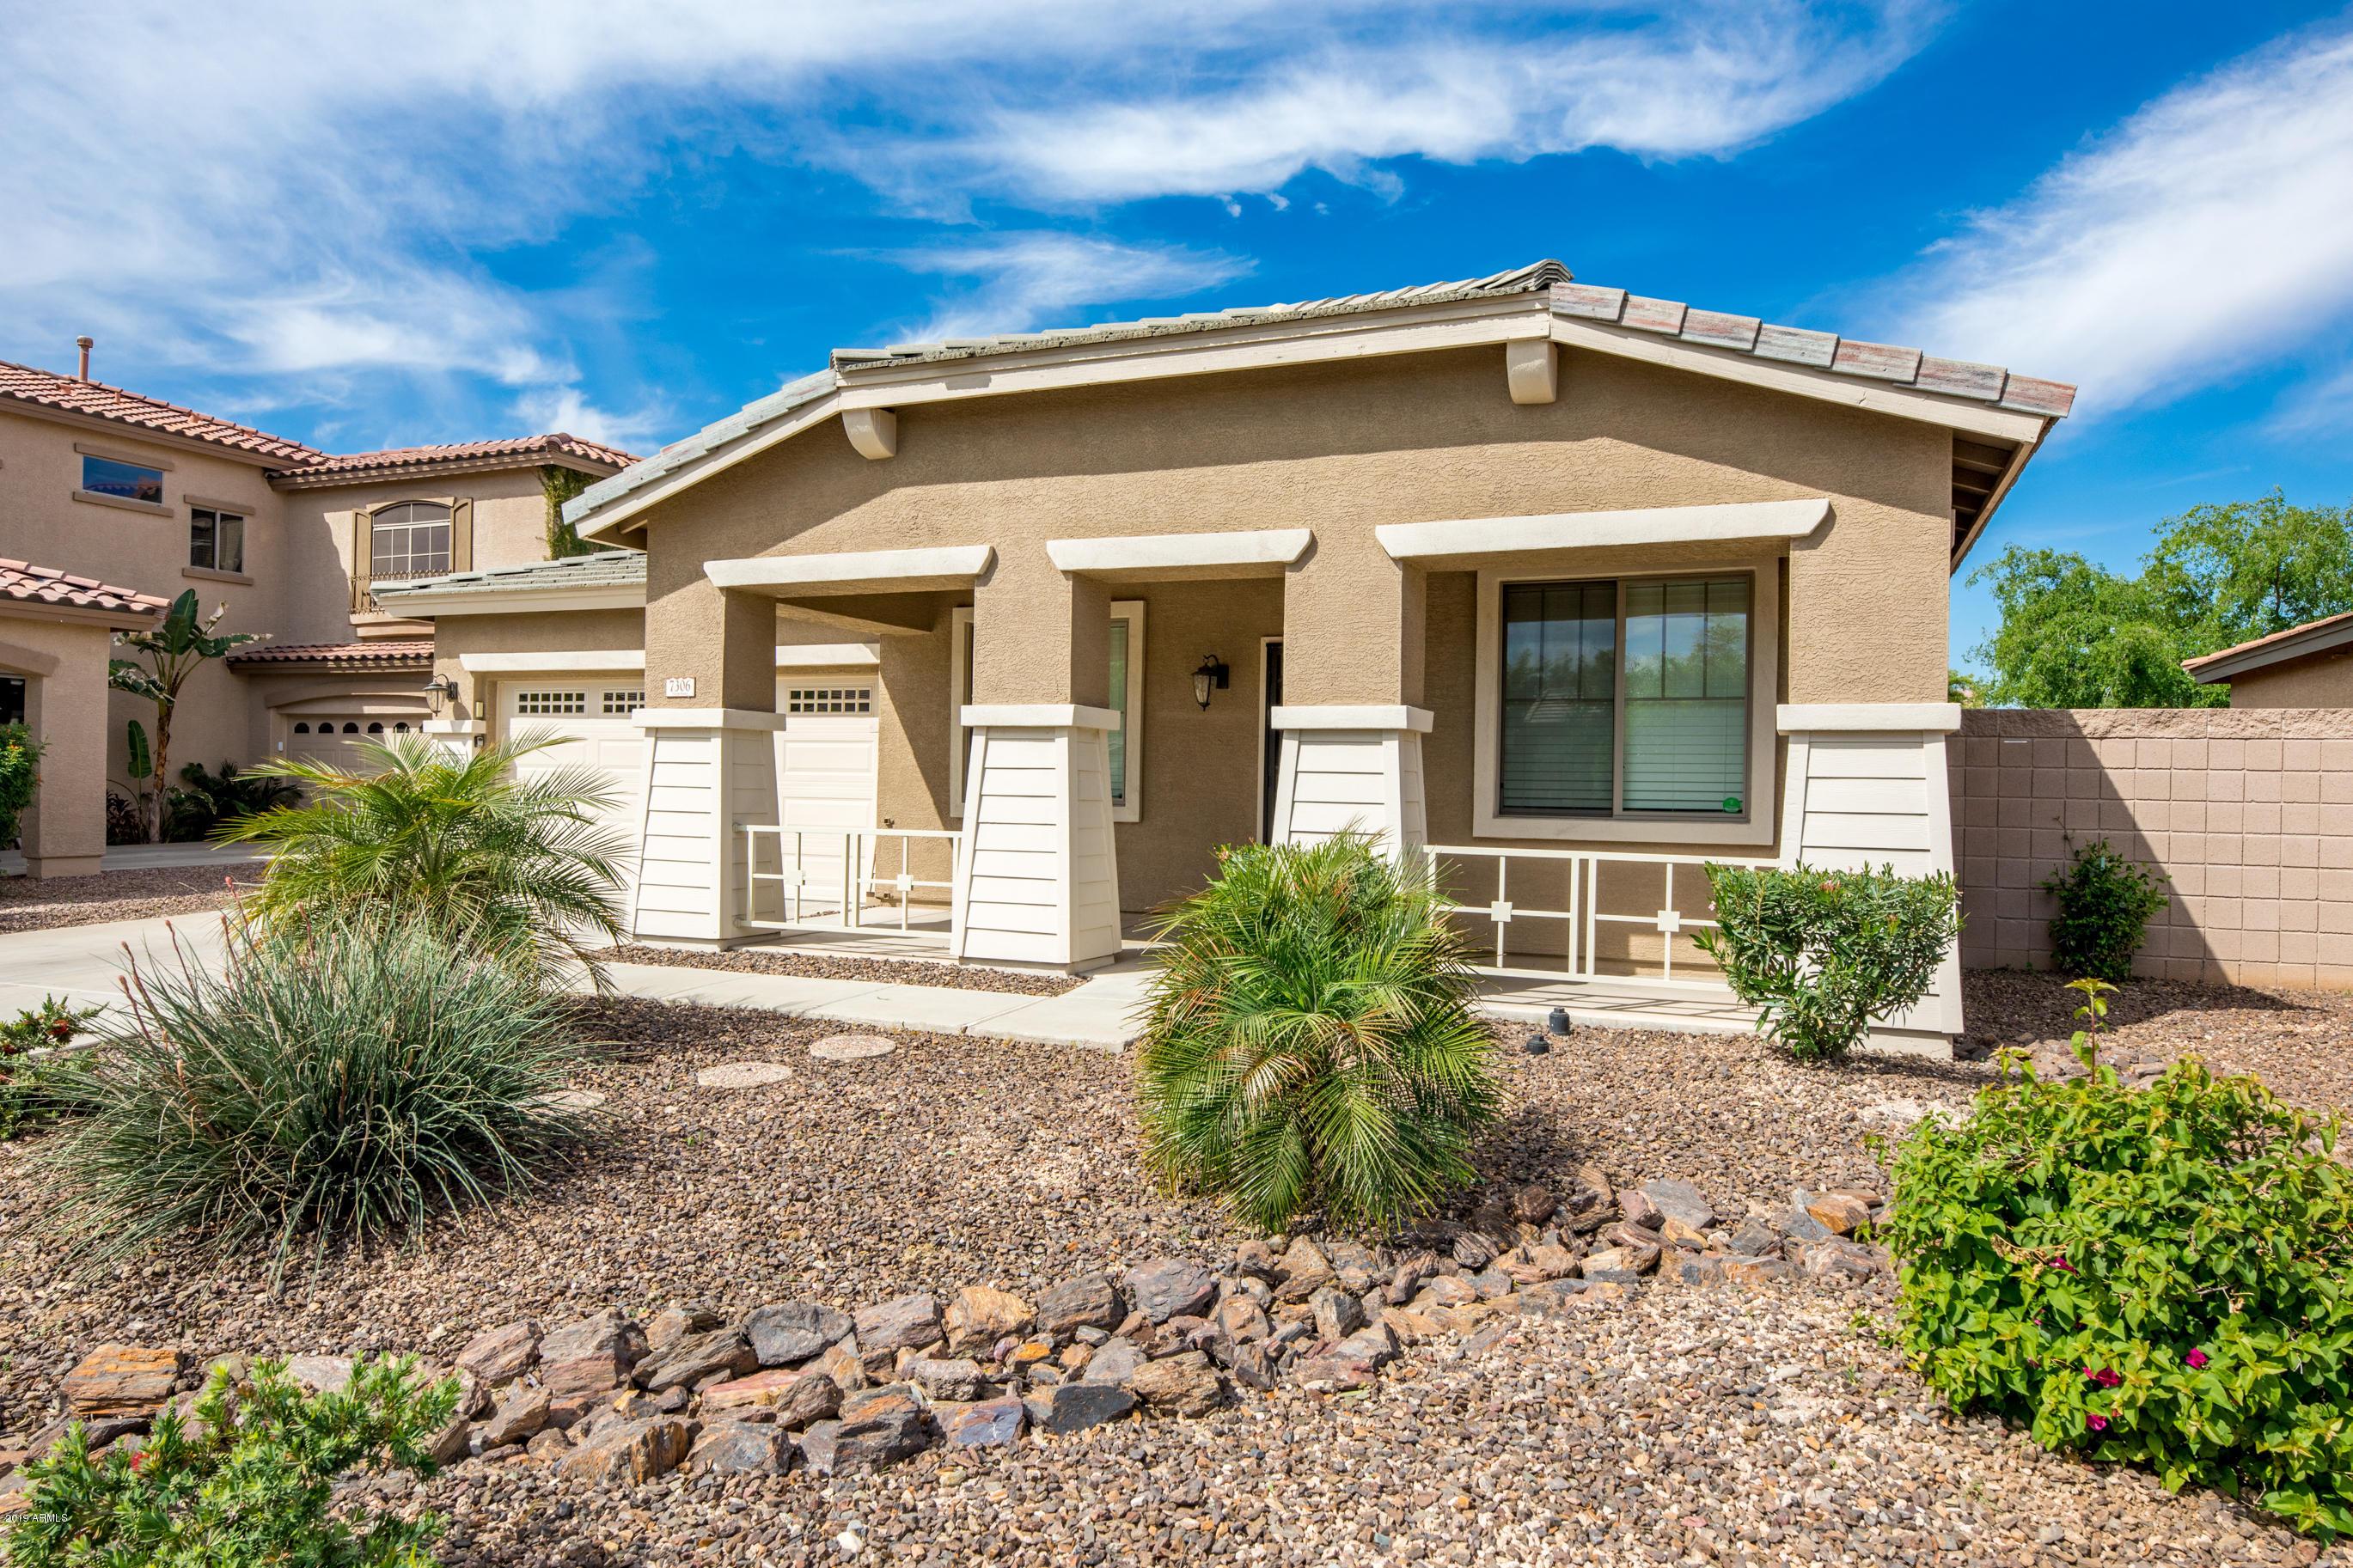 7306 N 88th Lane, Glendale AZ 85305 - Photo 1